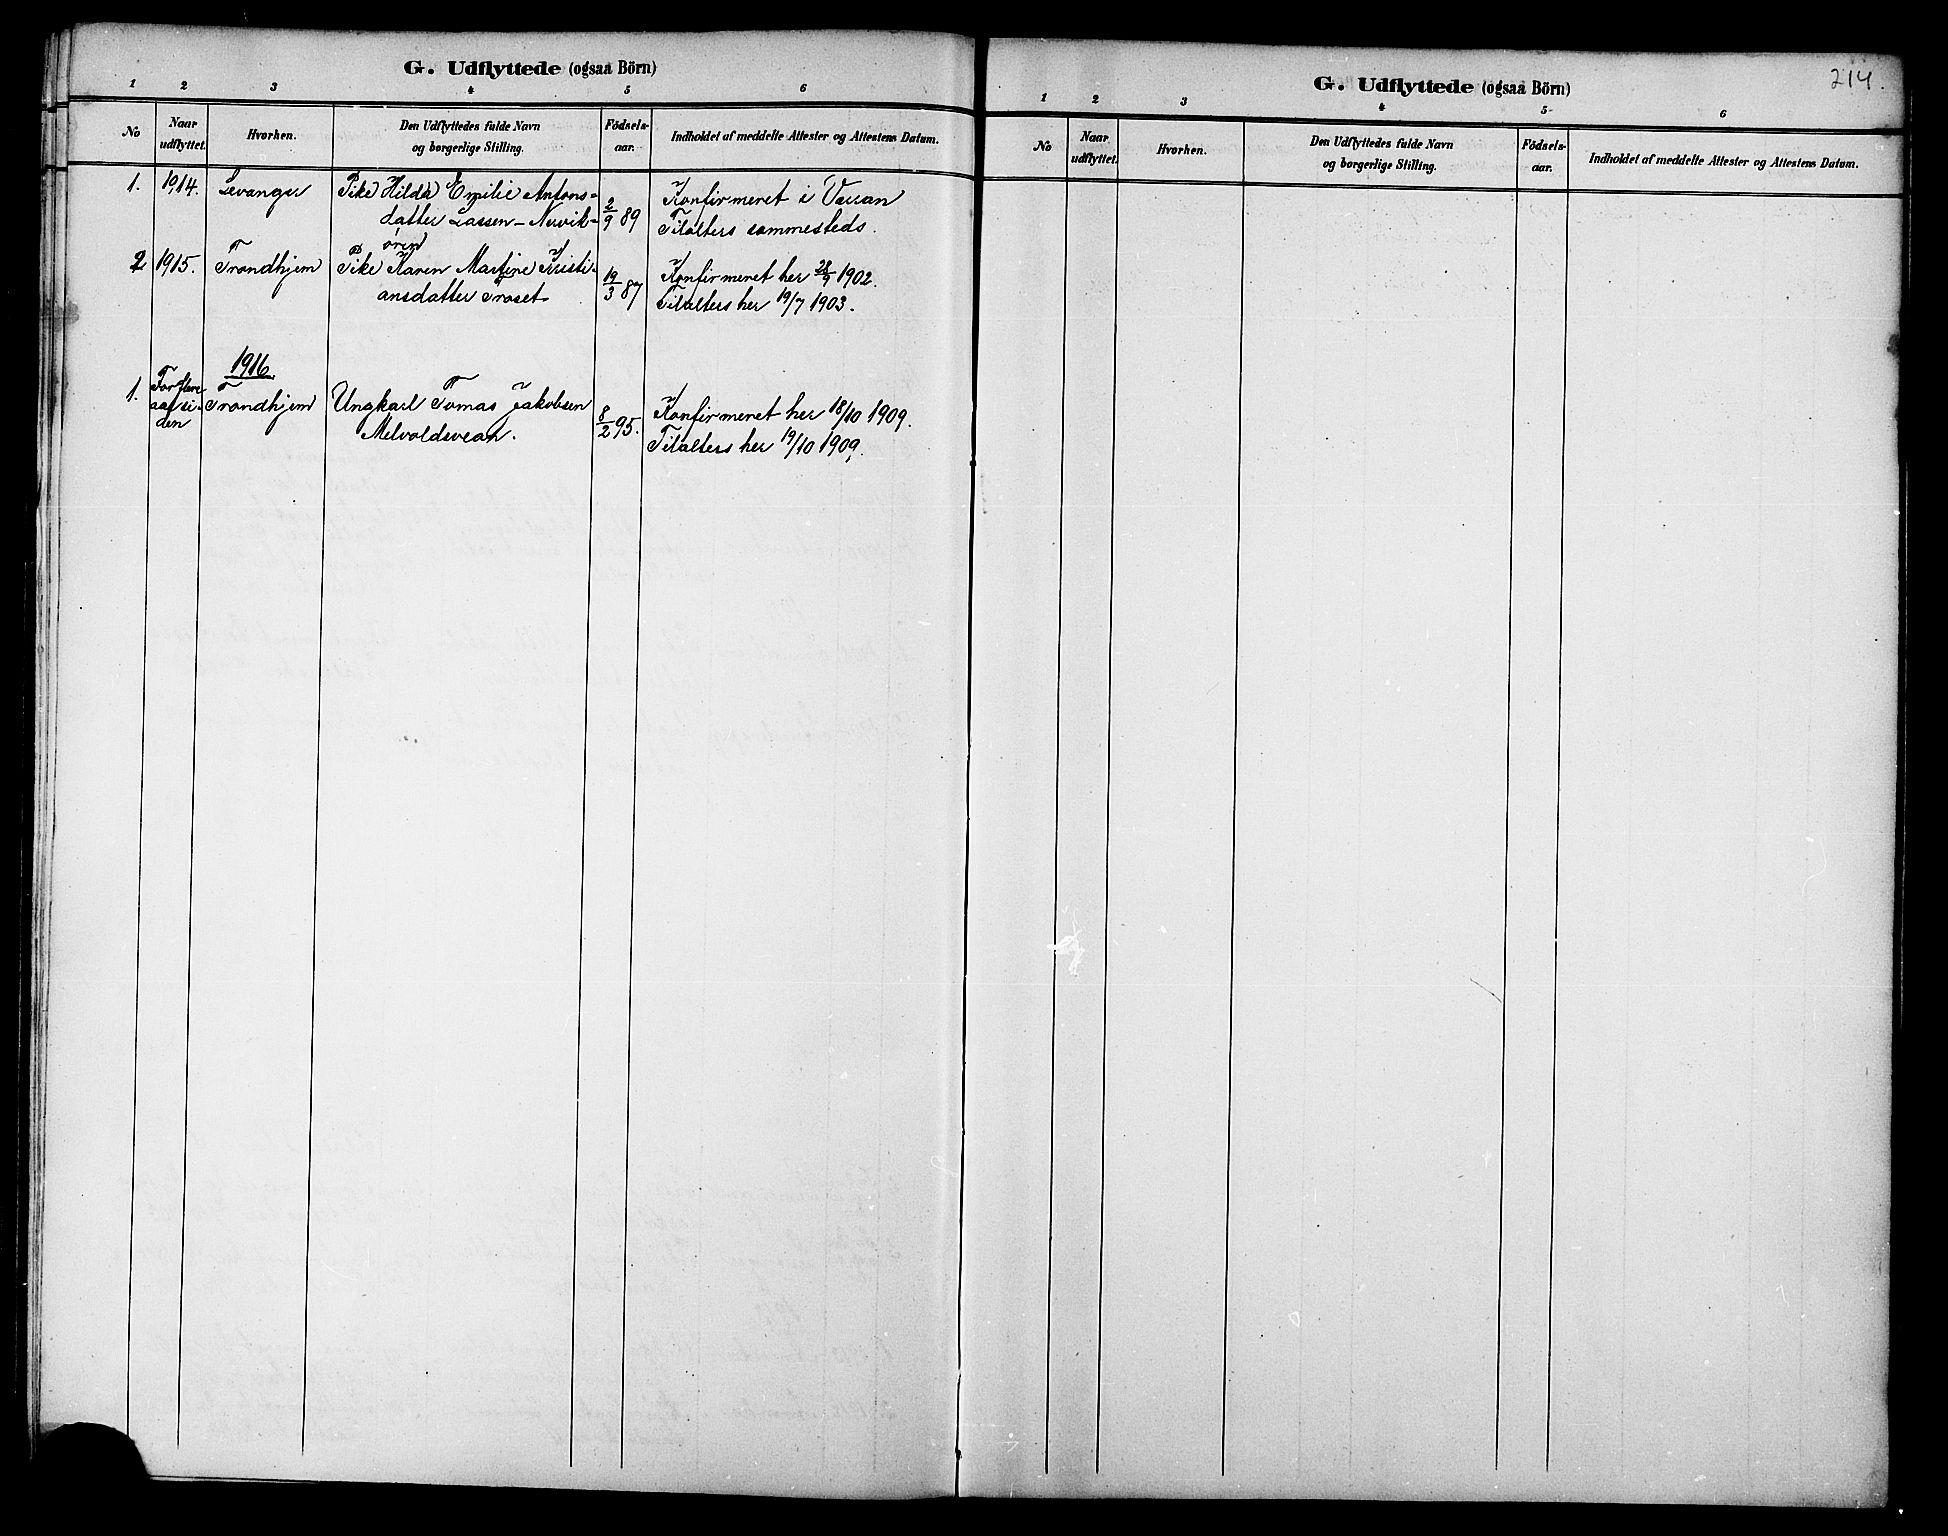 SAT, Ministerialprotokoller, klokkerbøker og fødselsregistre - Nord-Trøndelag, 733/L0327: Klokkerbok nr. 733C02, 1888-1918, s. 214